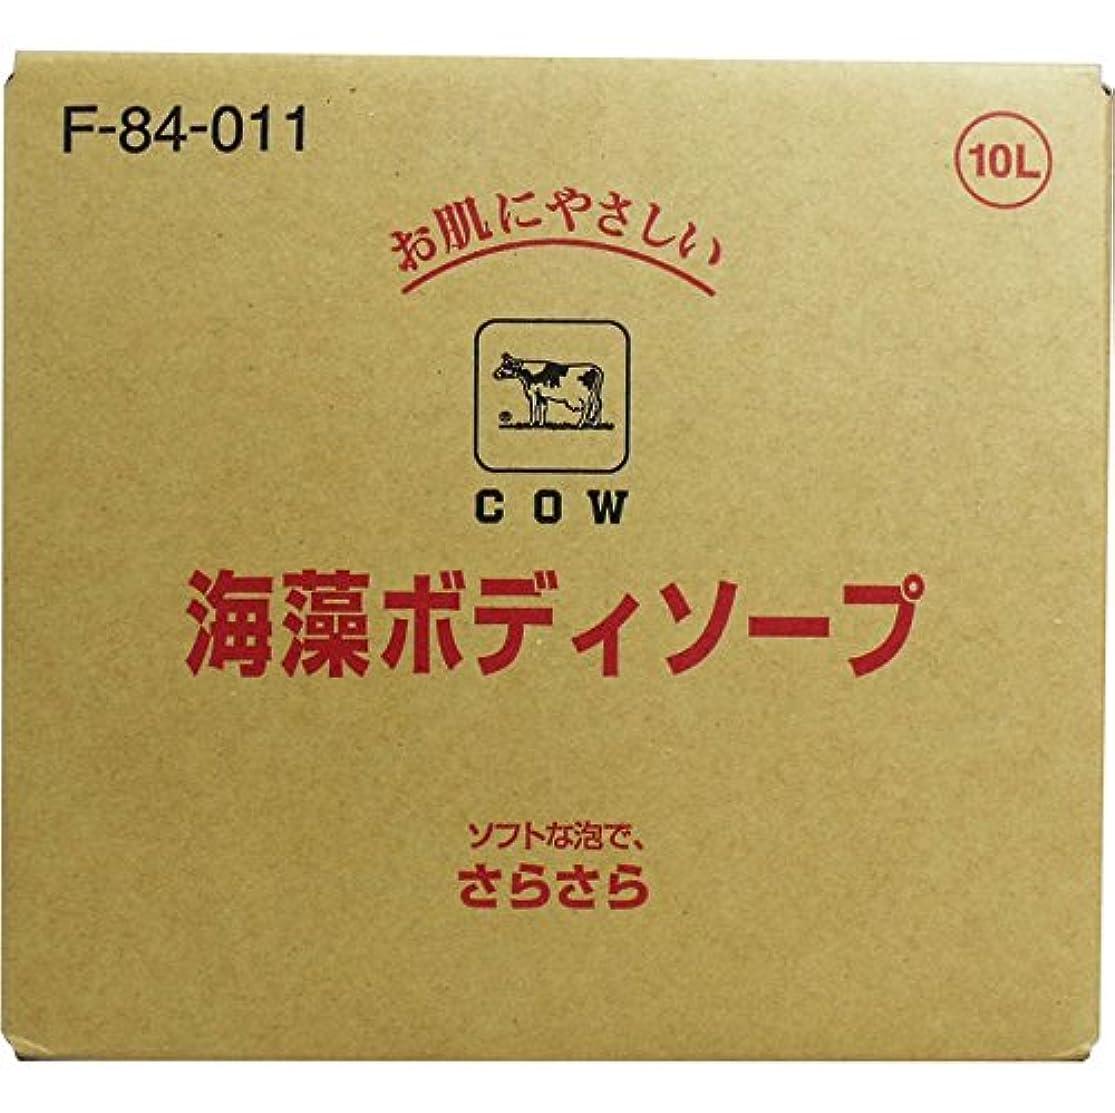 教ライド白菜ボディ 石けん詰め替え さらさらした洗い心地 便利商品 牛乳ブランド 海藻ボディソープ 業務用 10L